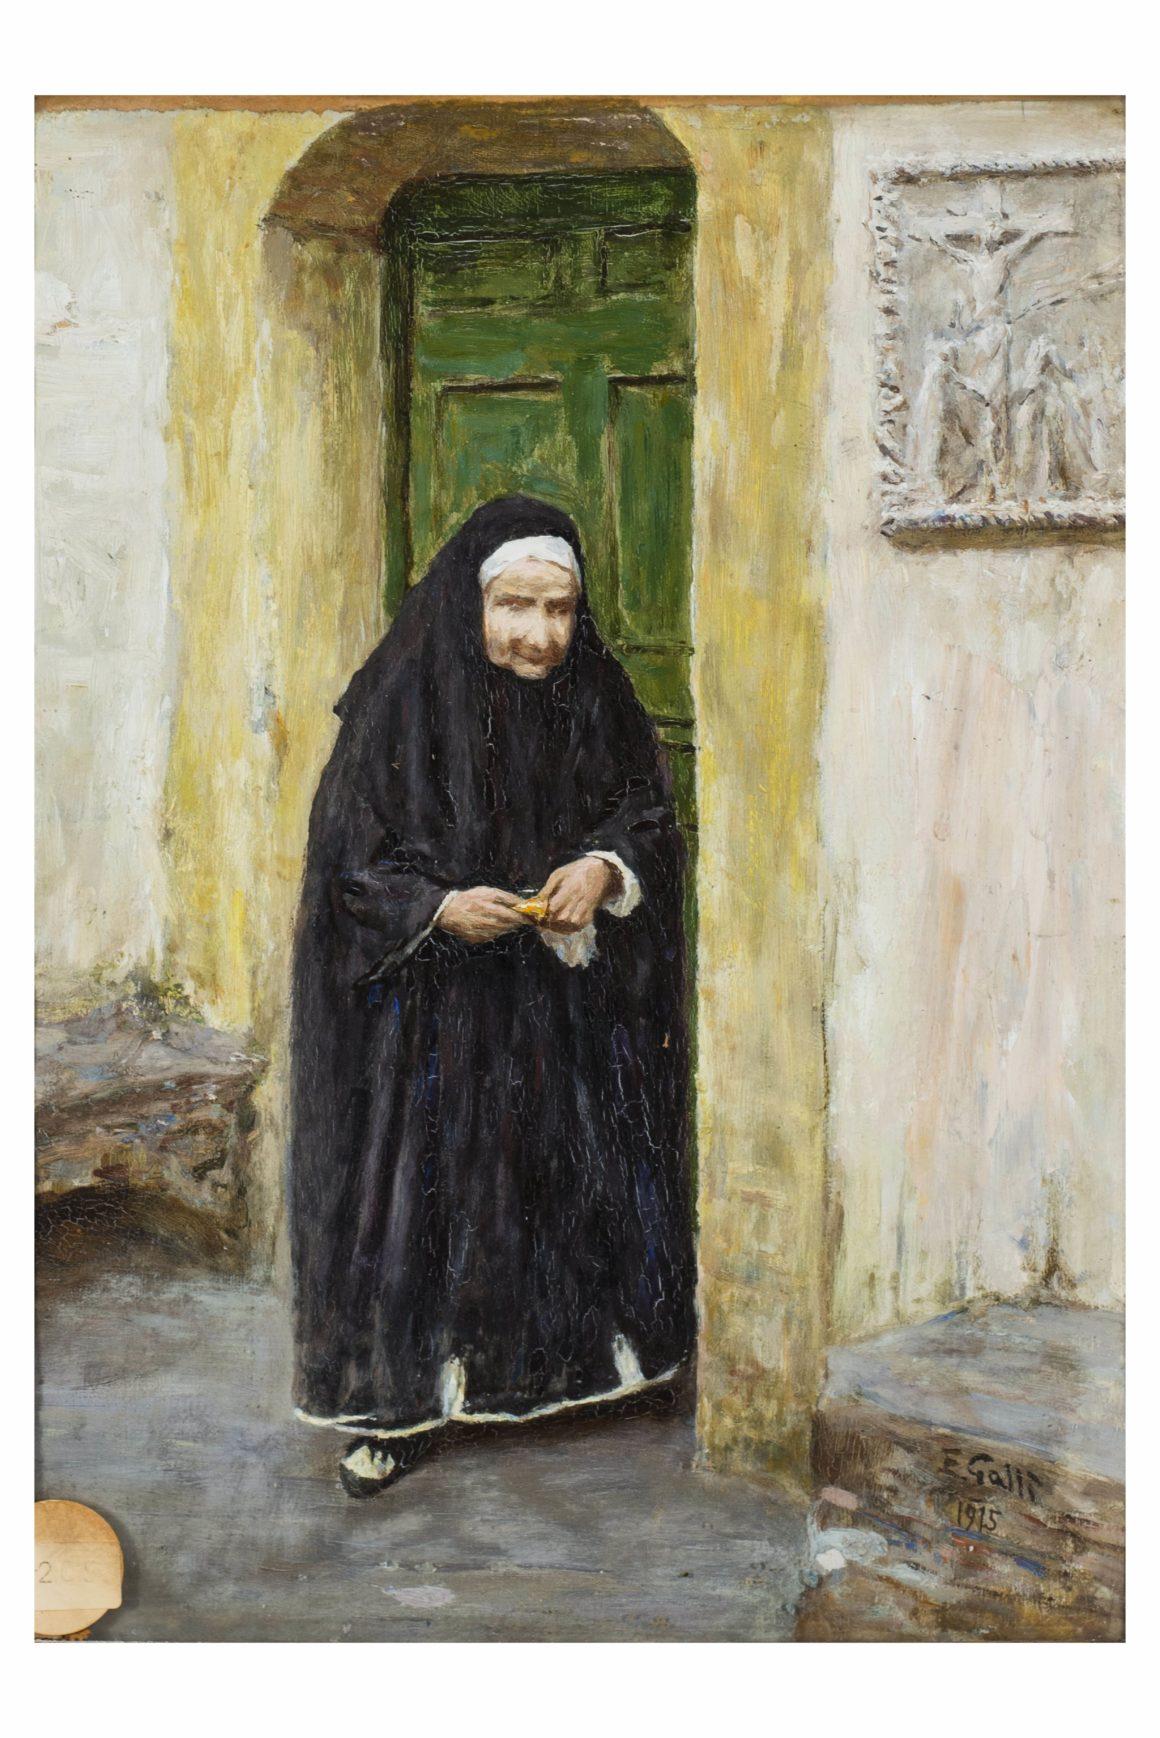 La monaca, Olio su cartoncino riportato su cartone – Edoardo Gallì